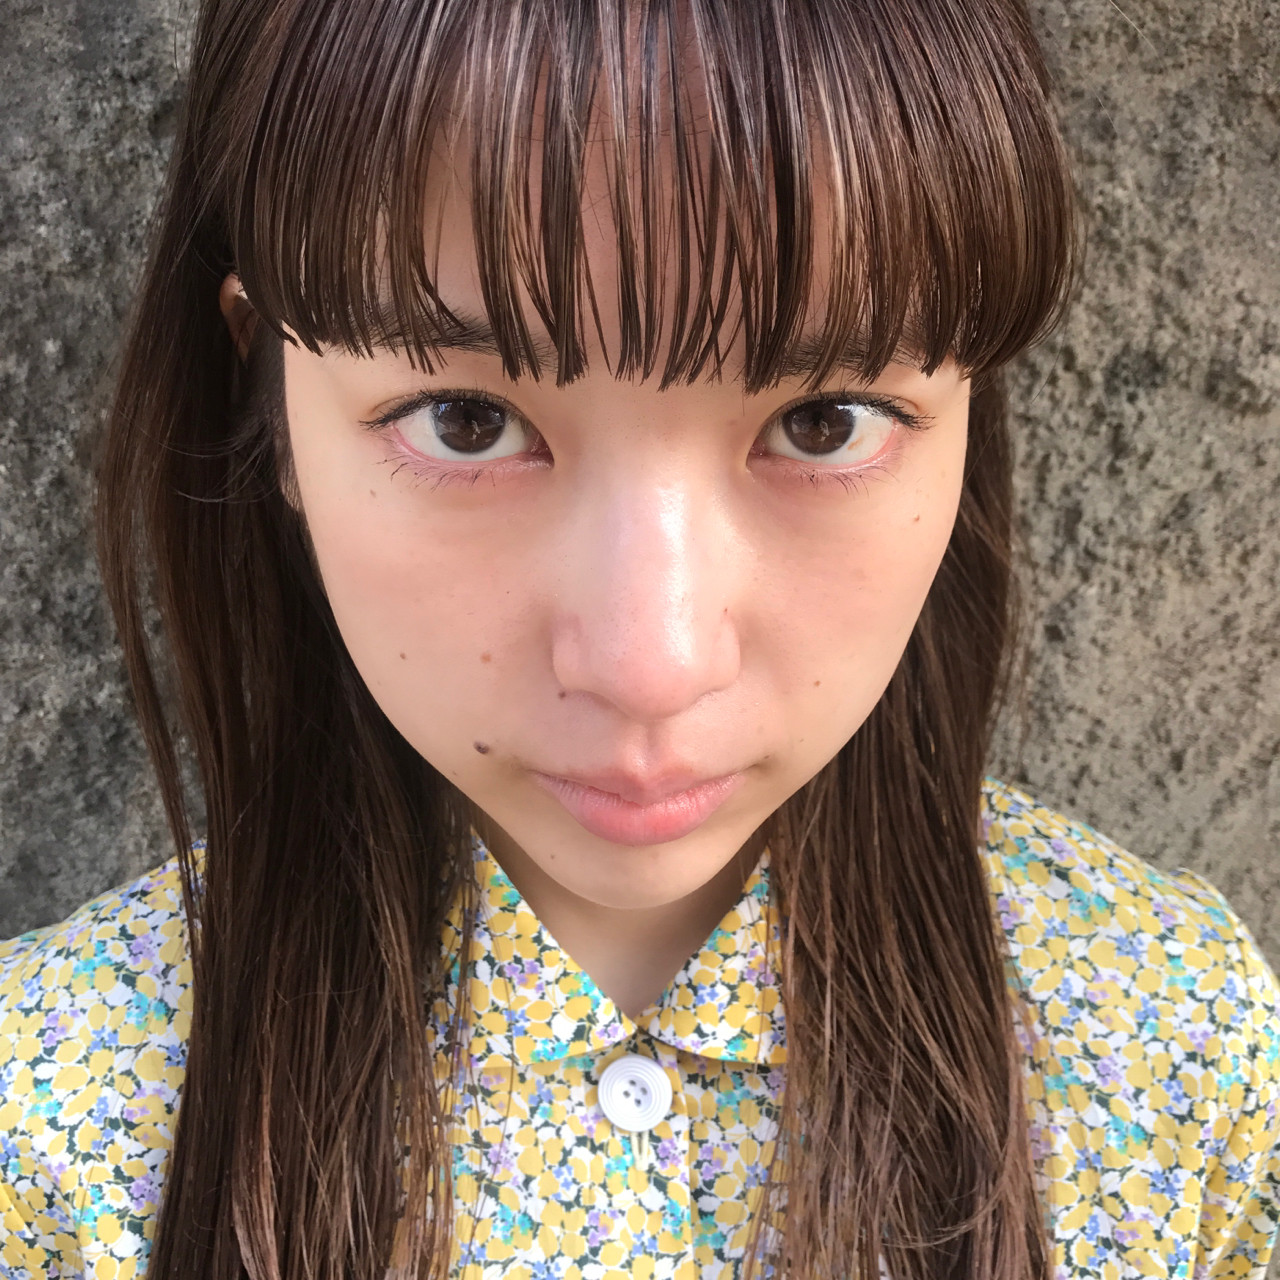 モード ミルクティー ロング デートヘアスタイルや髪型の写真・画像